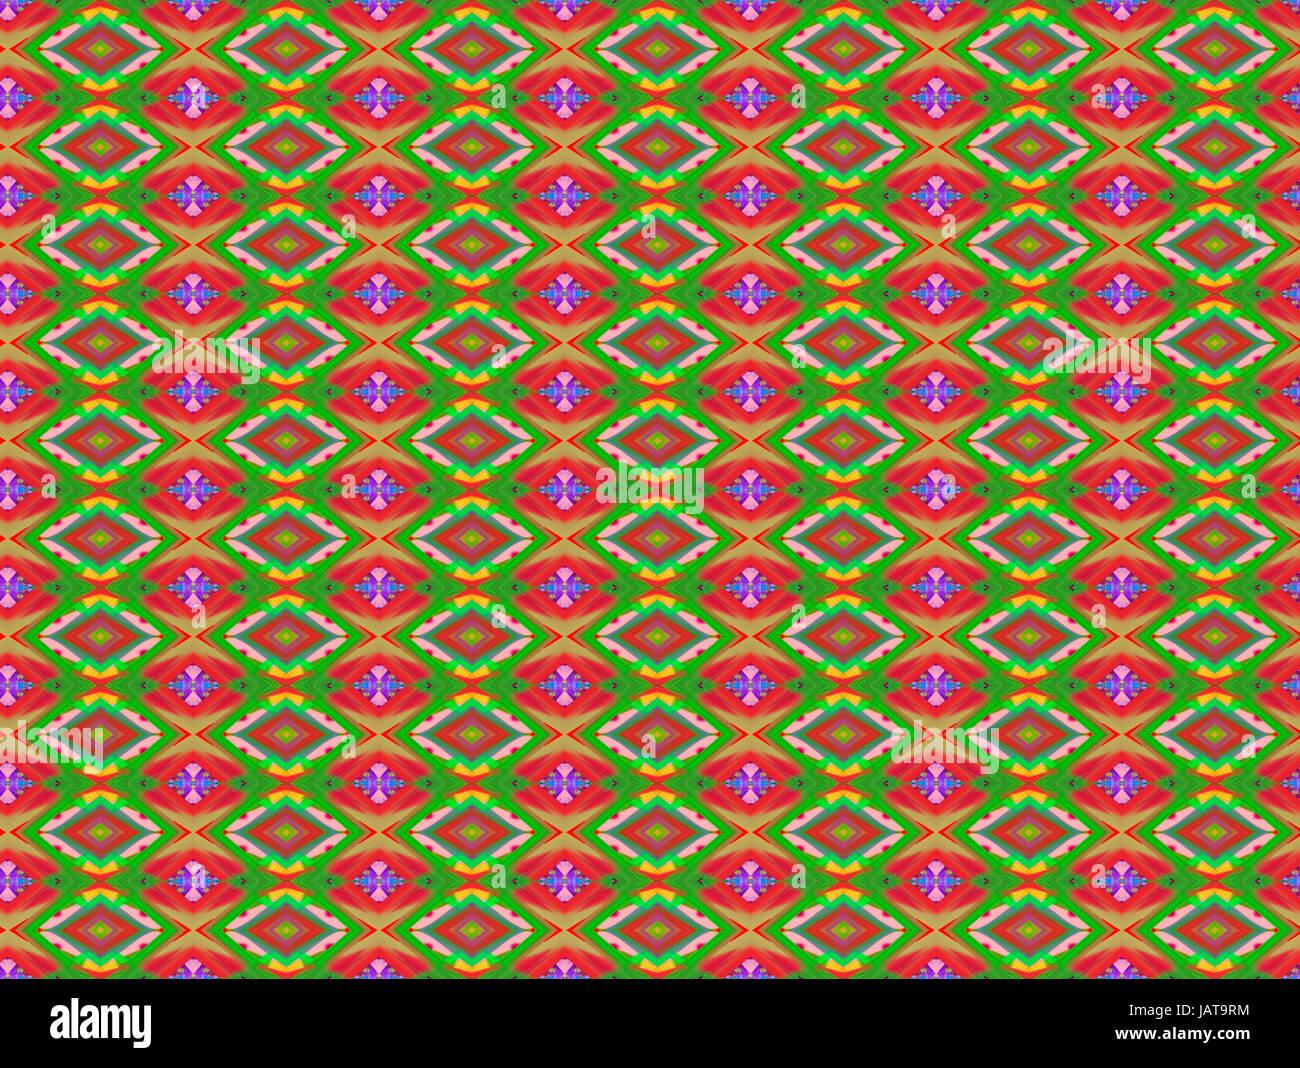 El rojo y el verde la trama de fondo de diamantes Imagen De Stock